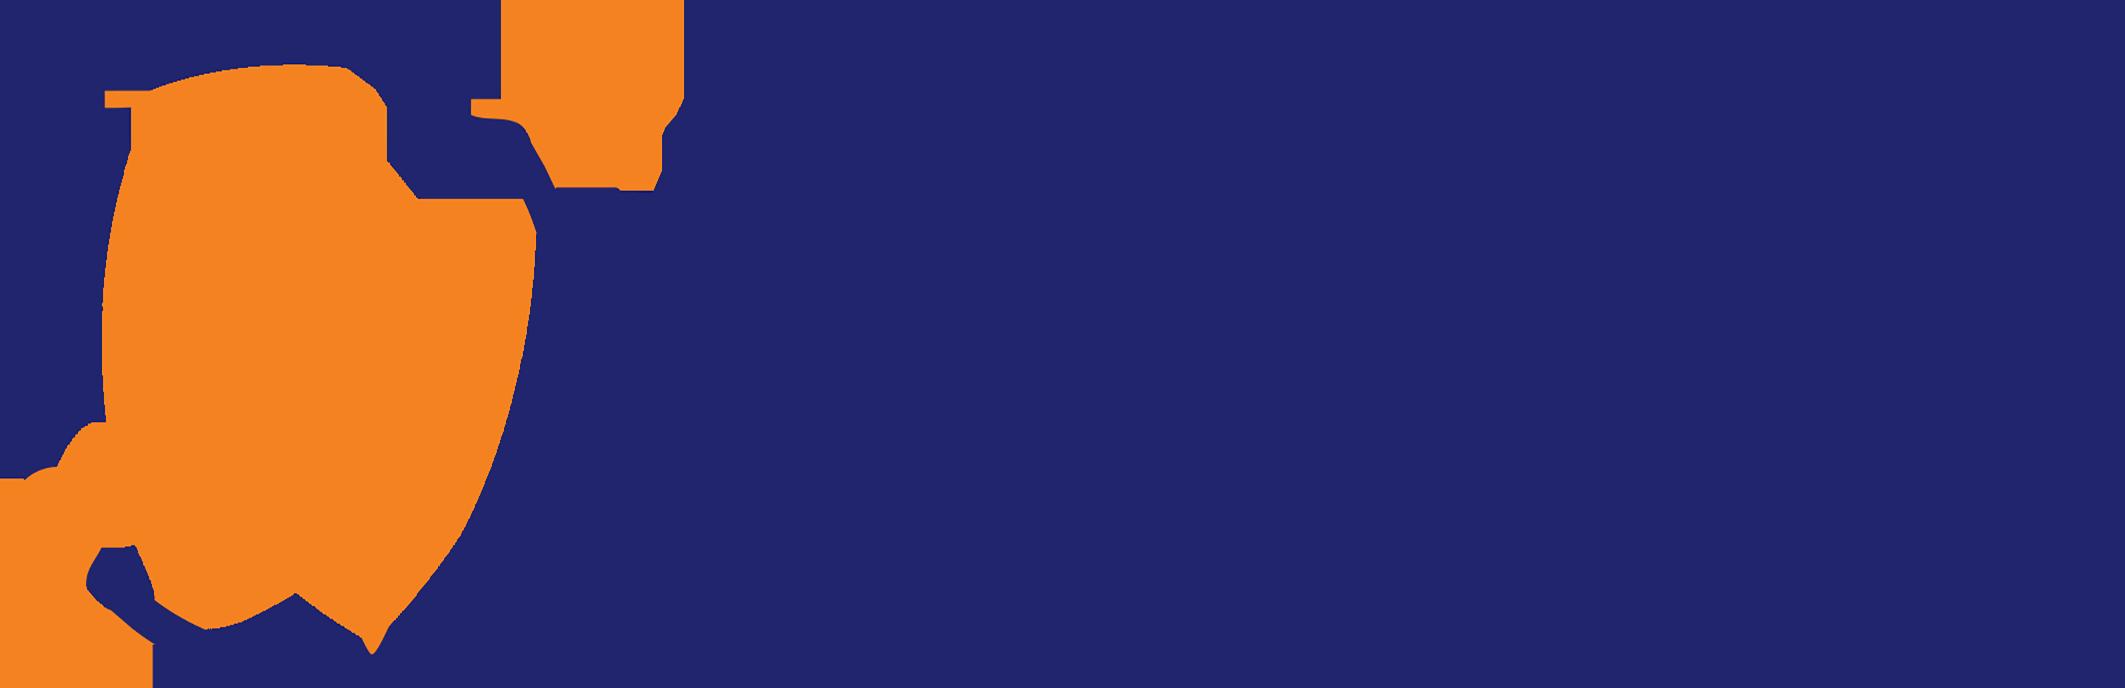 JiyuViyu LLC